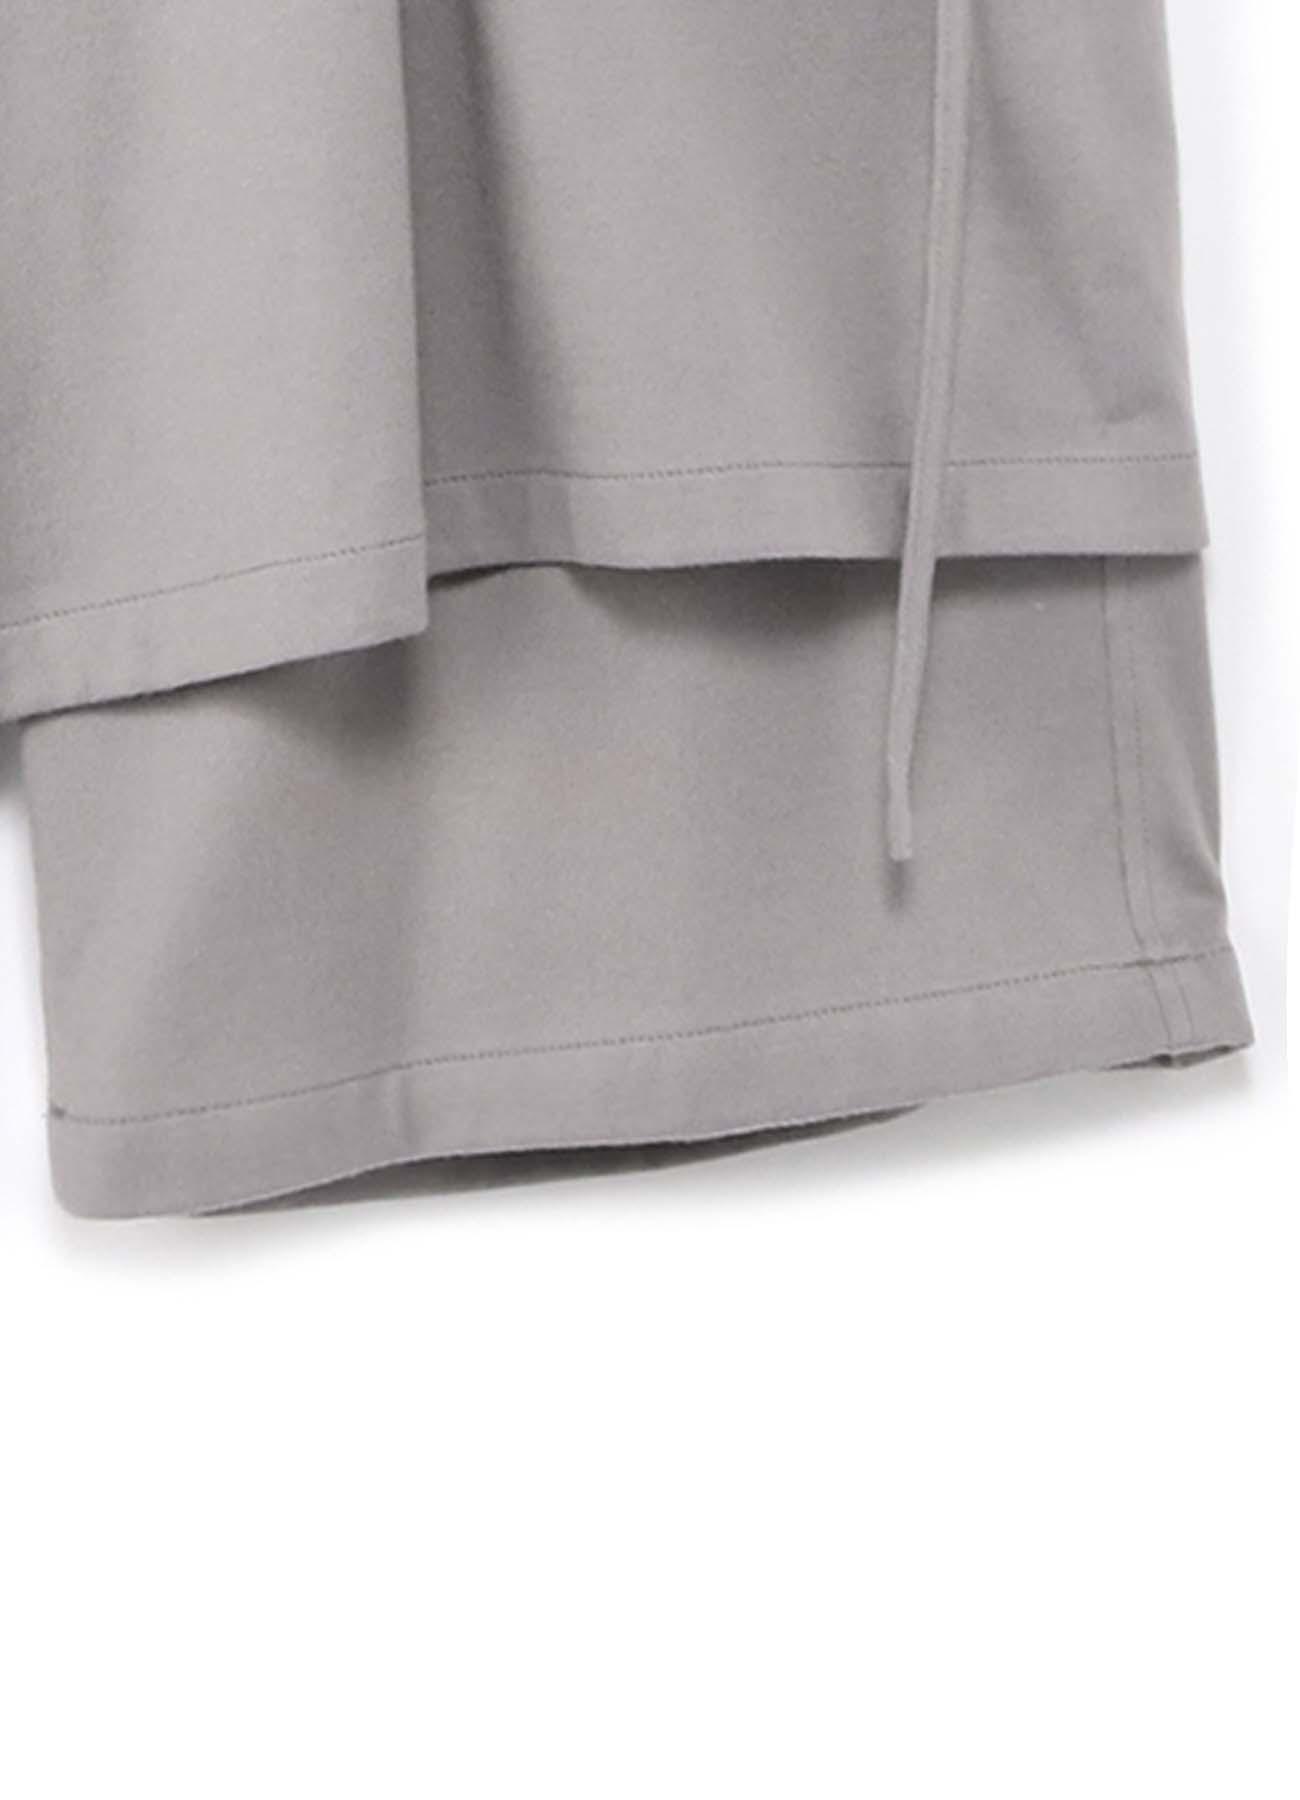 多穿卷裹裤